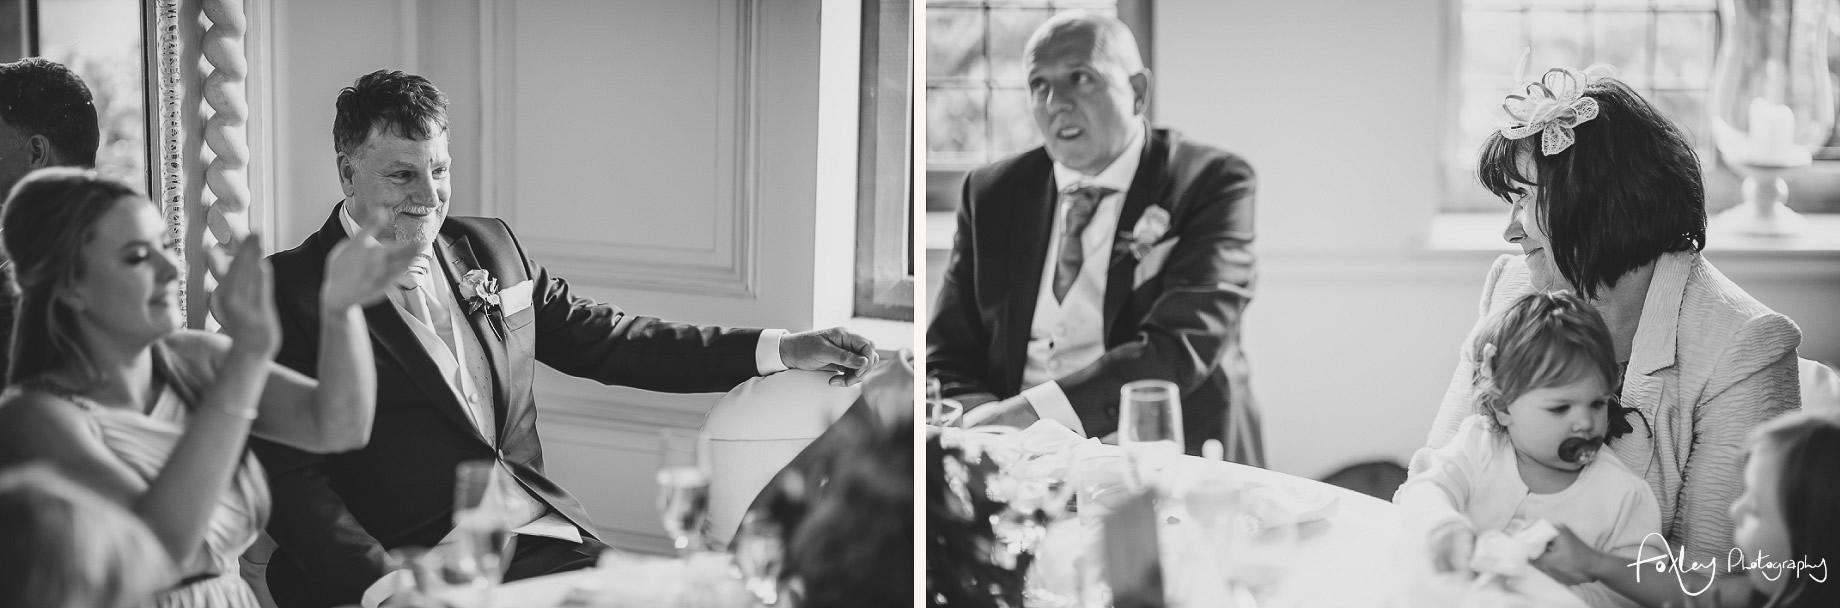 Simona-and-Robert-Wedding-at-Colshaw-Hall-136